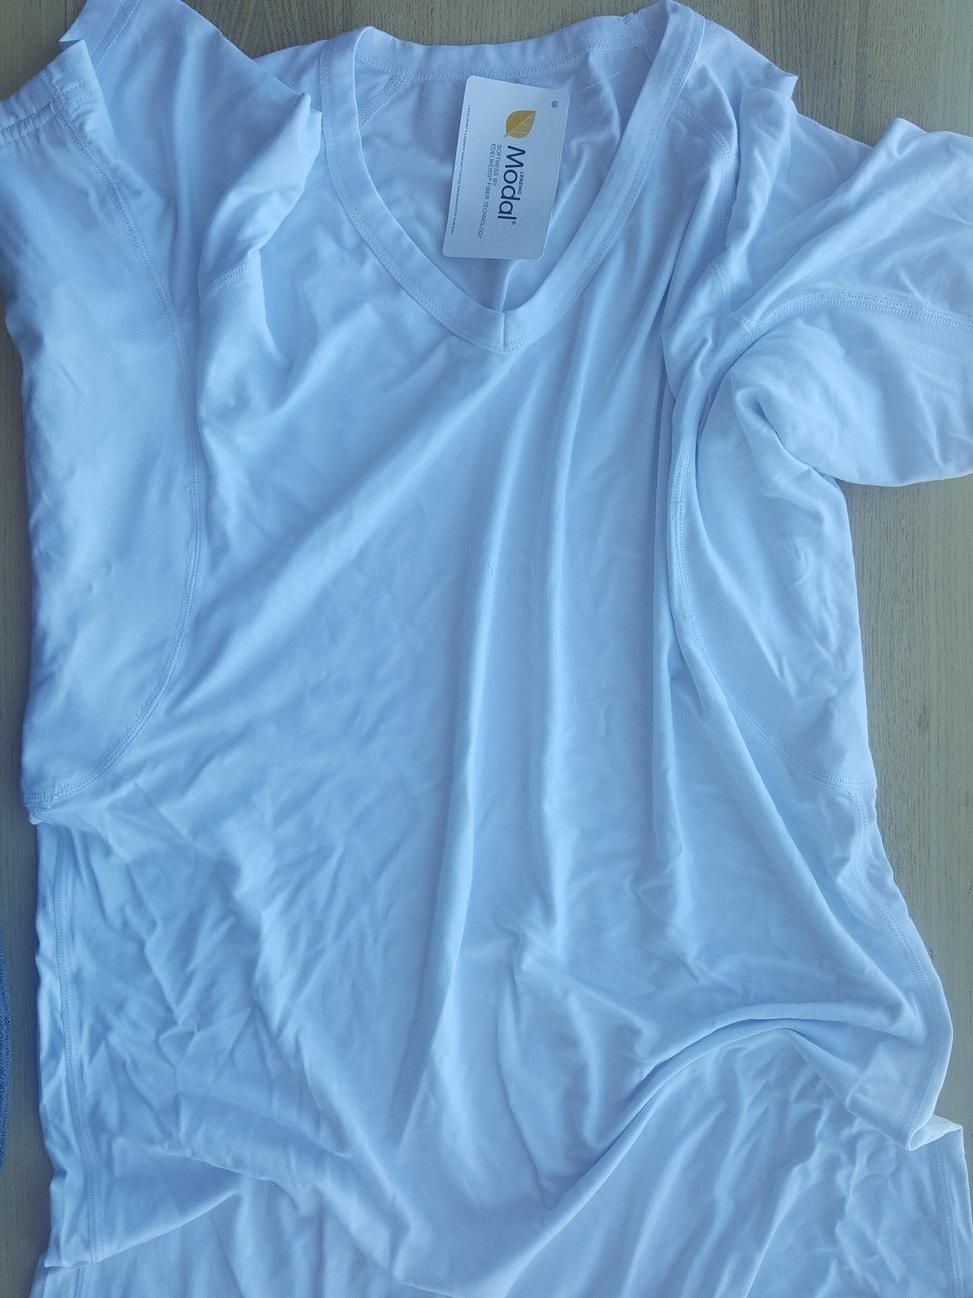 ItsDri SweatProof Shirt